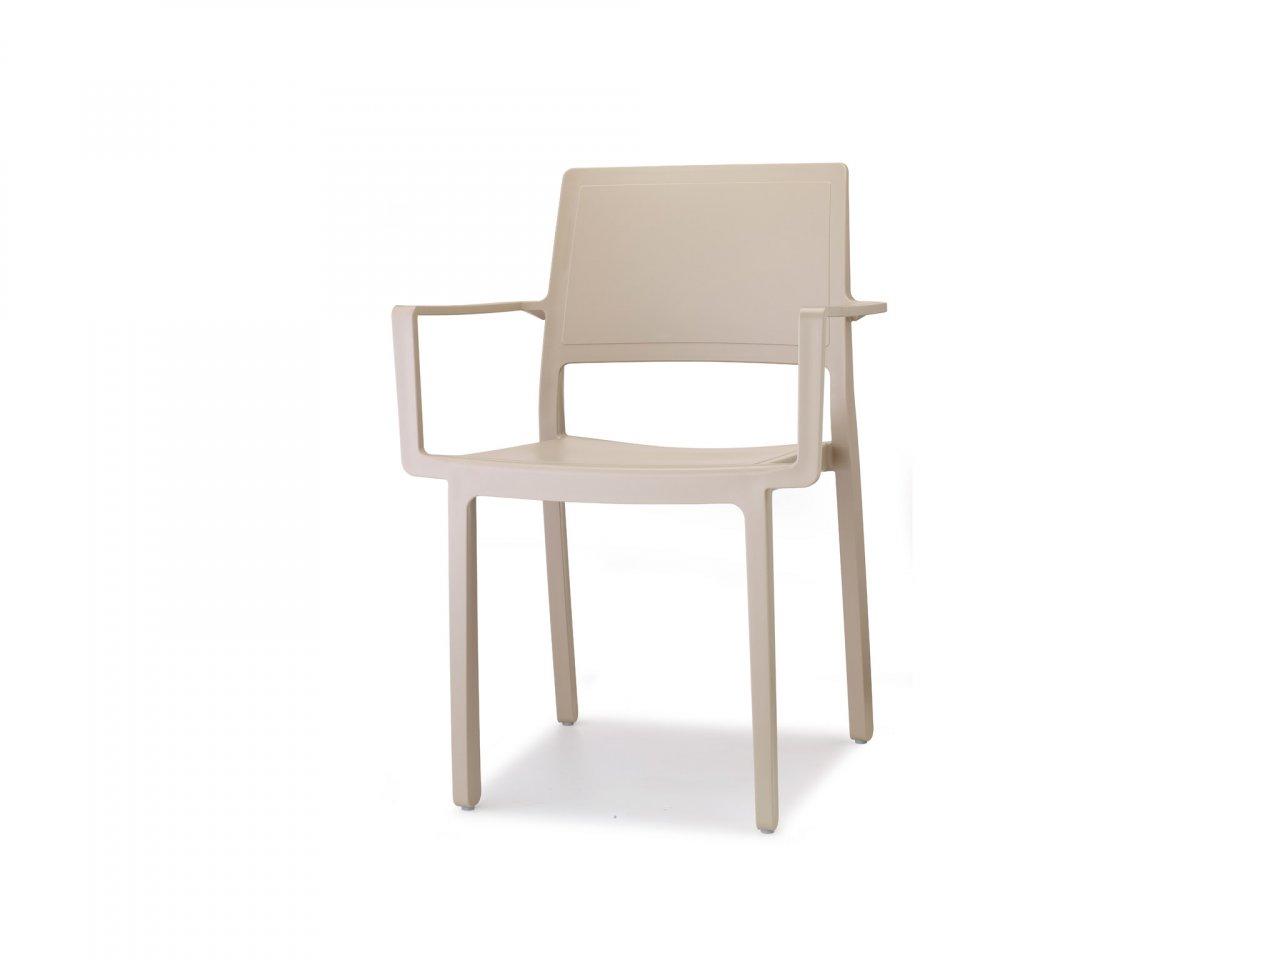 Sedia Con Braccioli Kate - v4